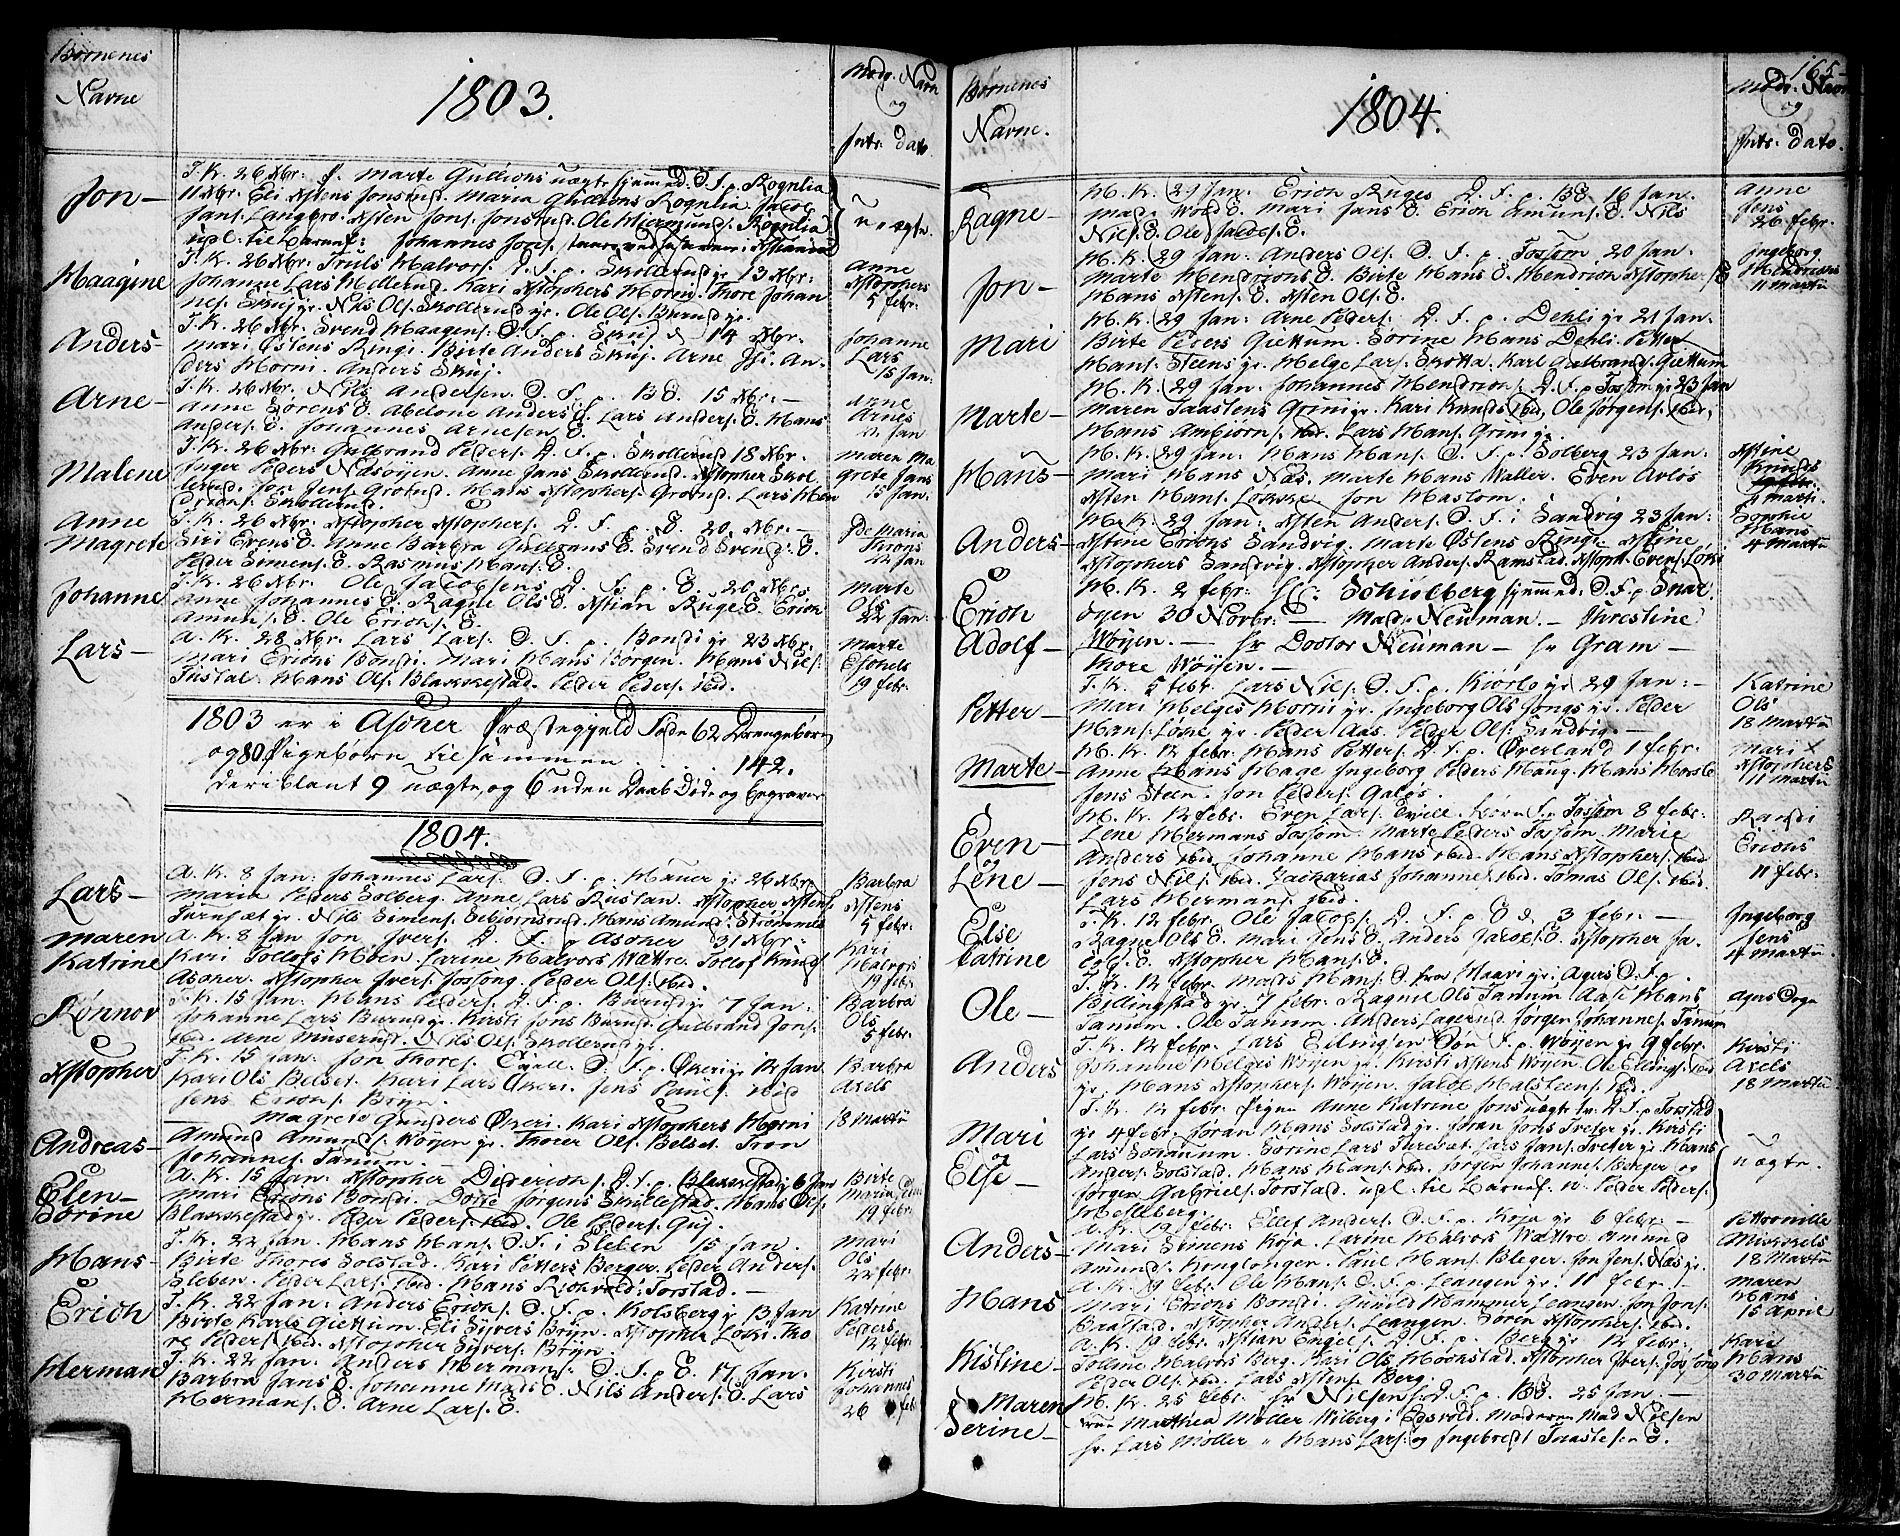 SAO, Asker prestekontor Kirkebøker, F/Fa/L0003: Ministerialbok nr. I 3, 1767-1807, s. 165